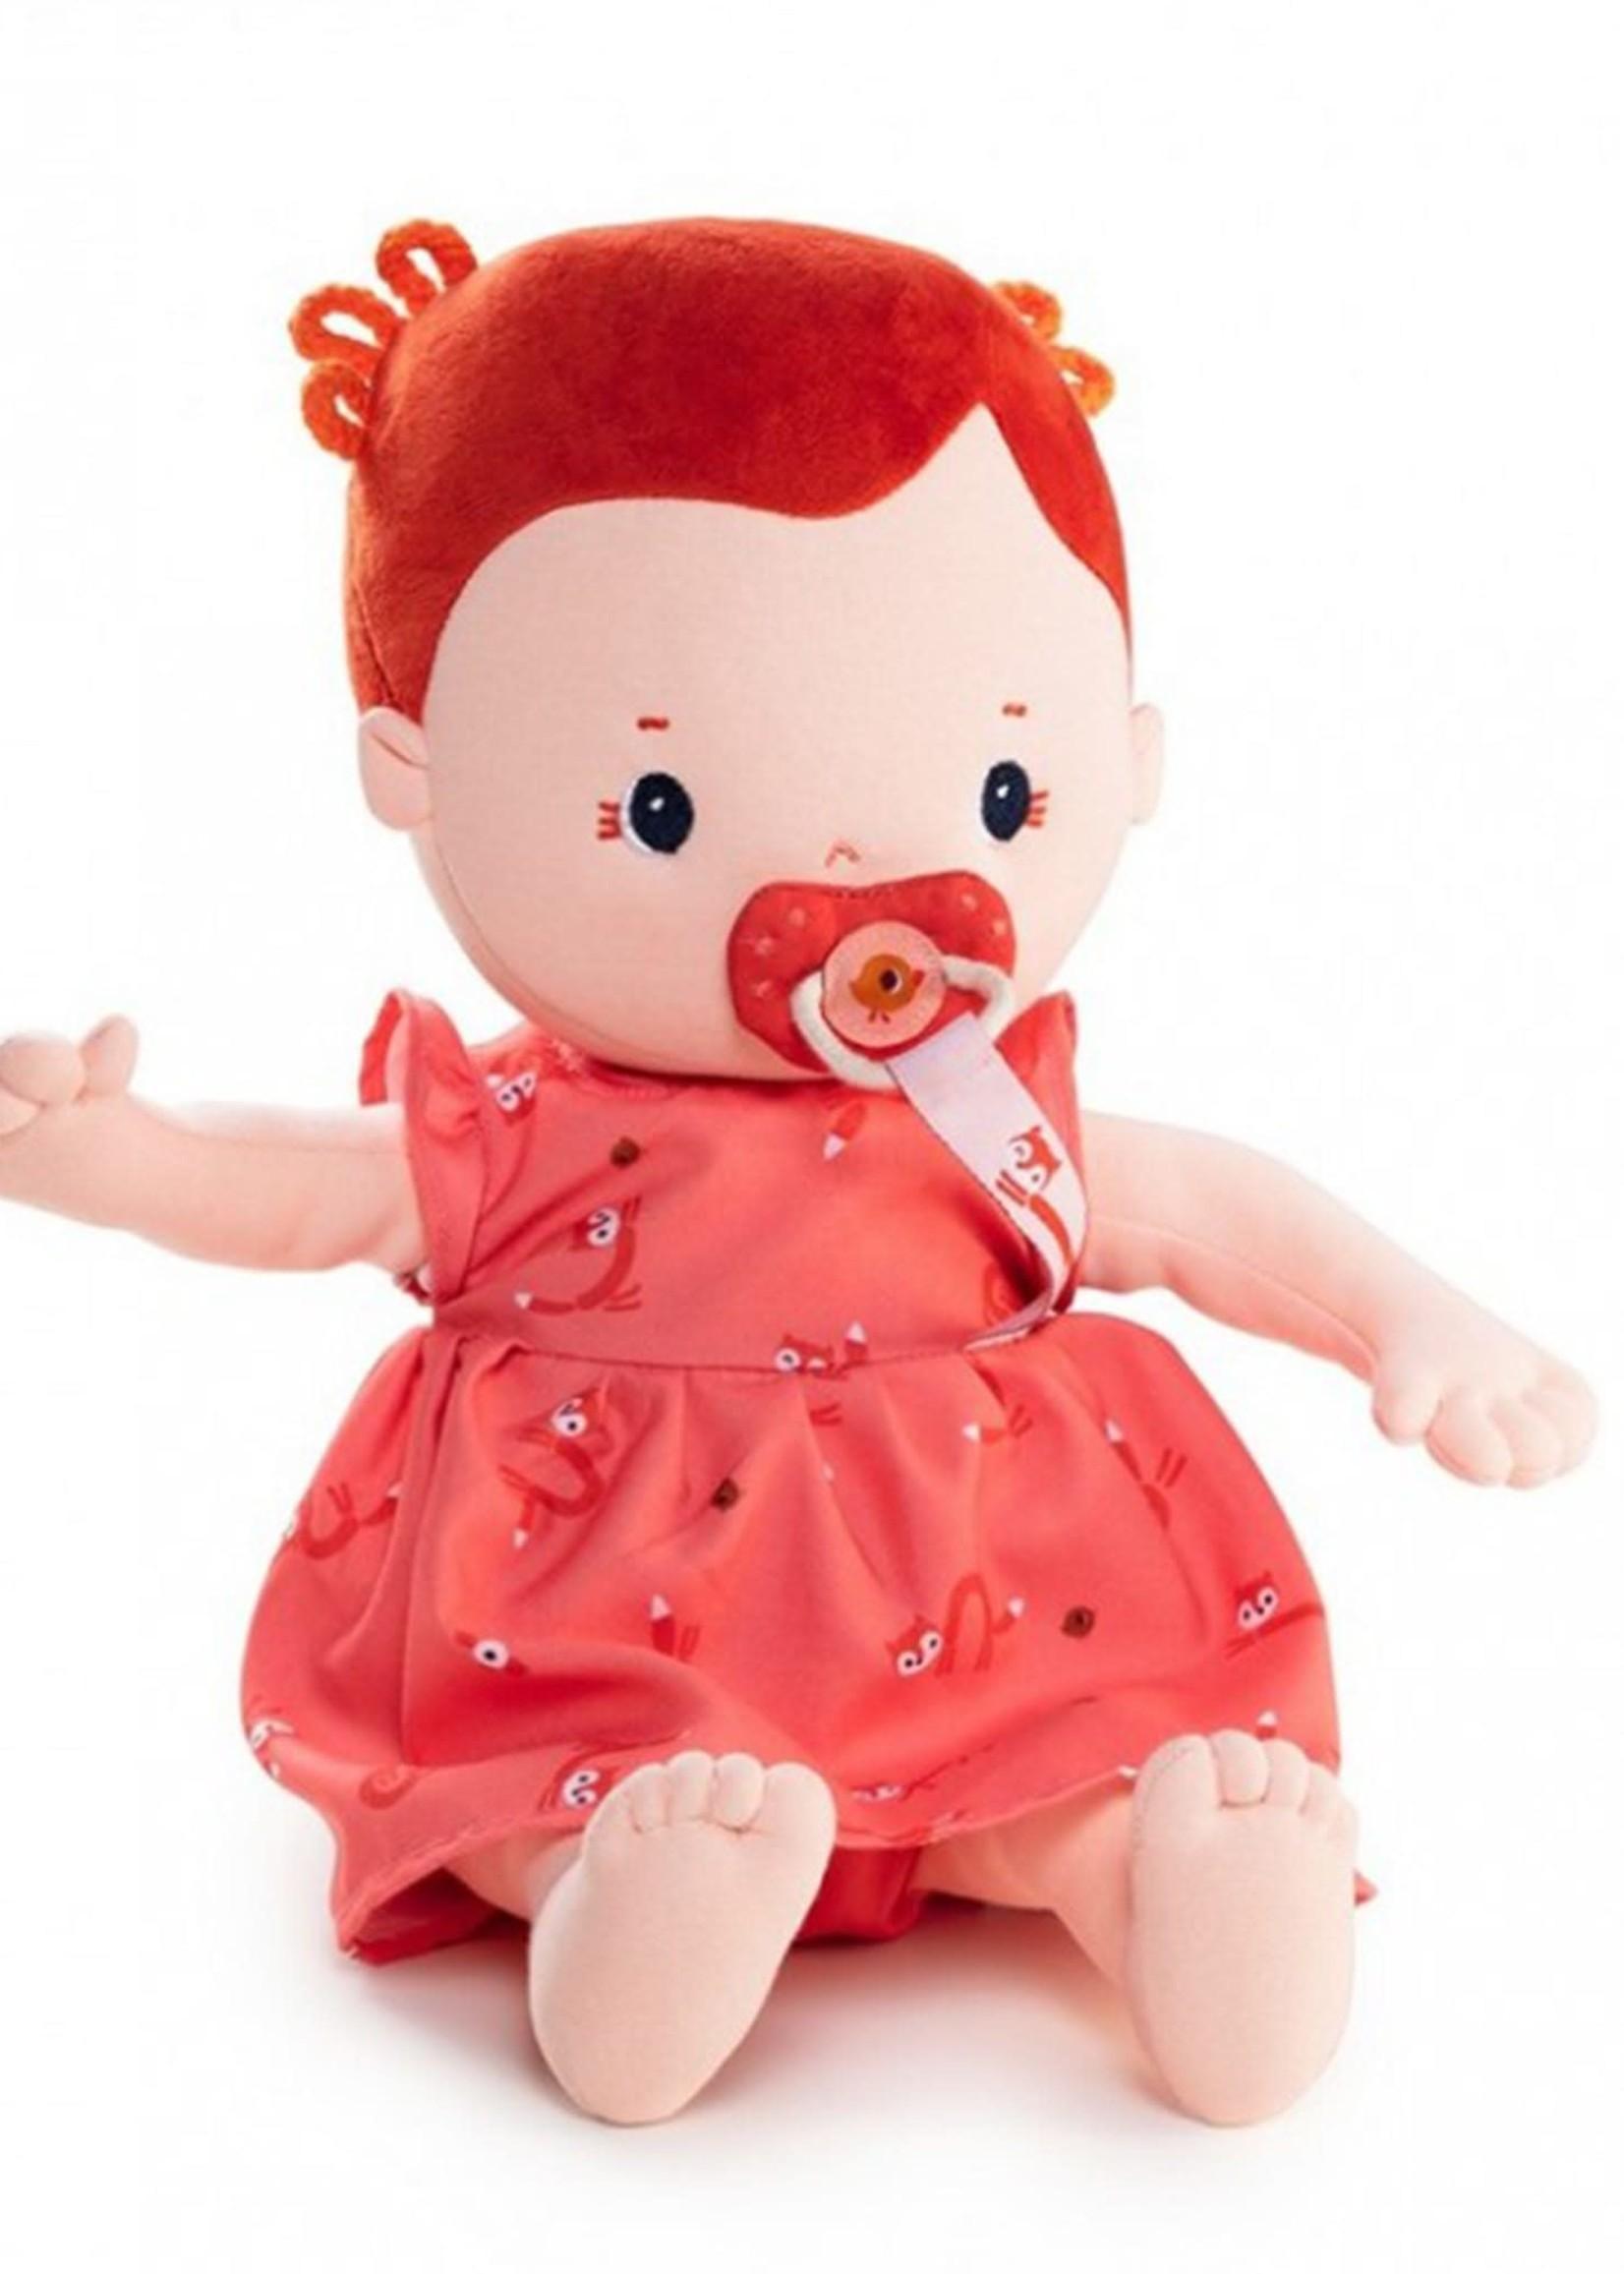 Lilliputie Lilliputiens Rose Doll